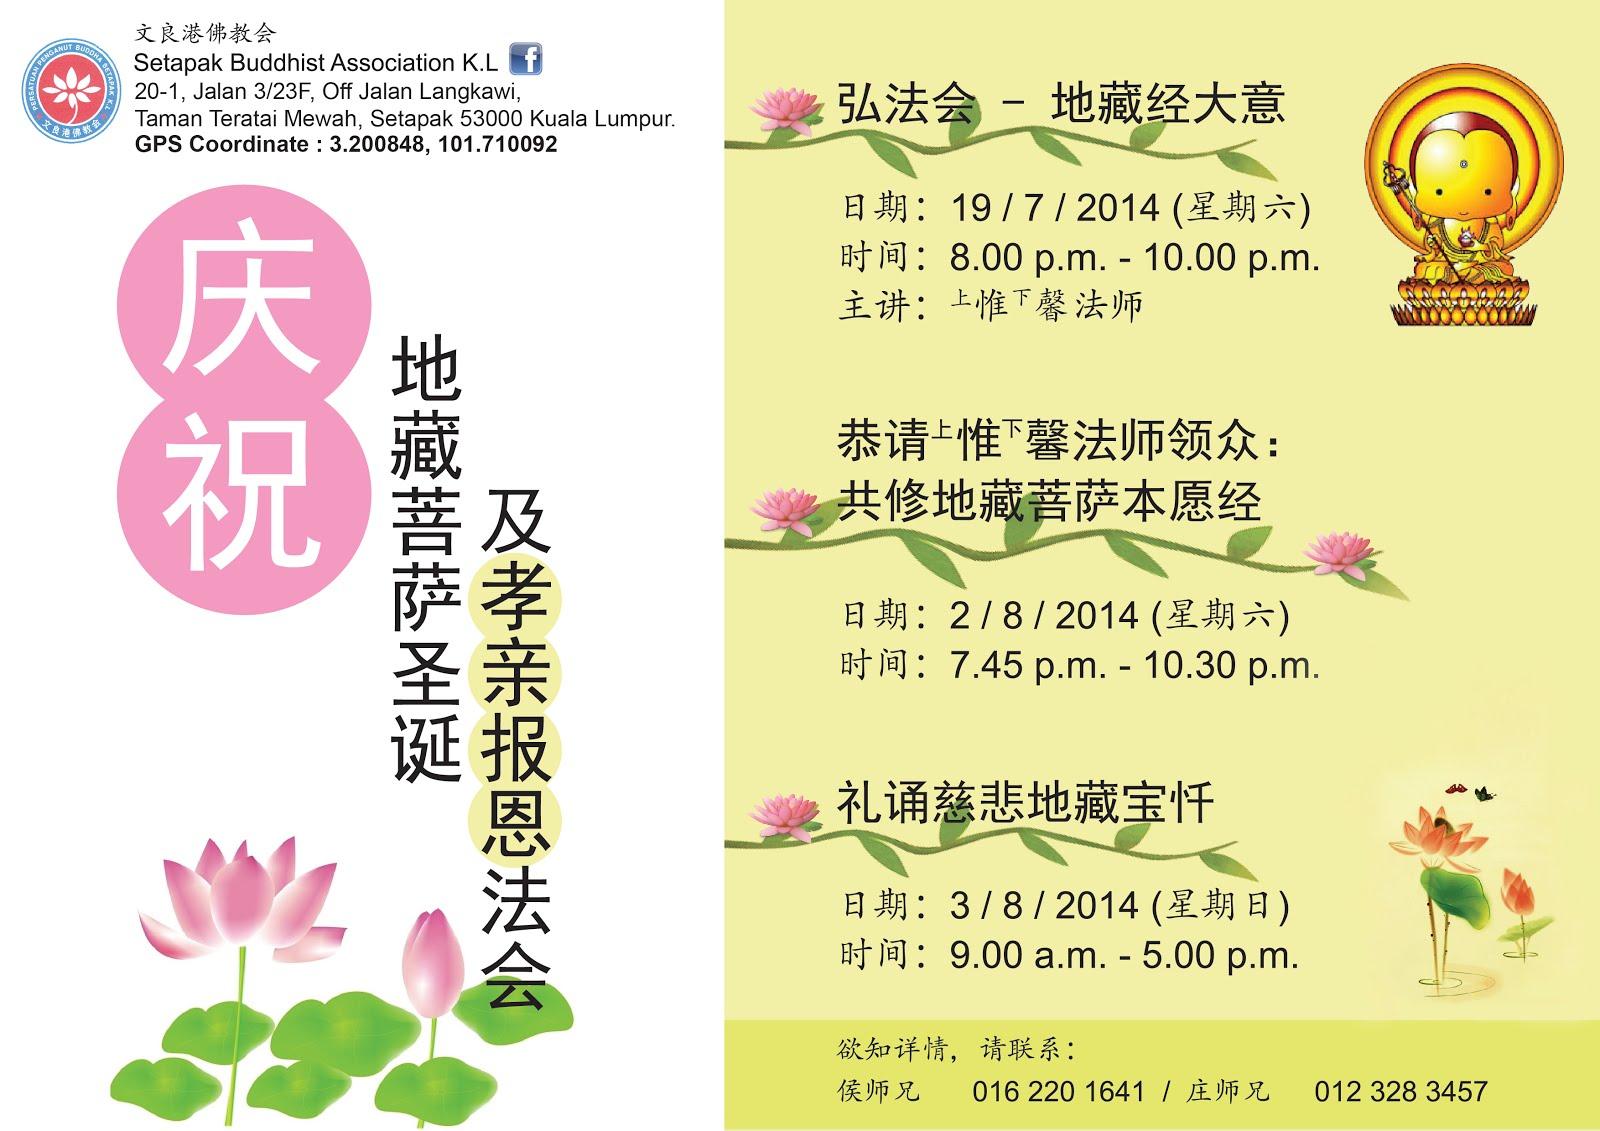 Poster design volunteer - Poster Design Volunteer Poster Design Volunteer Design For Setapak Buddhist Association